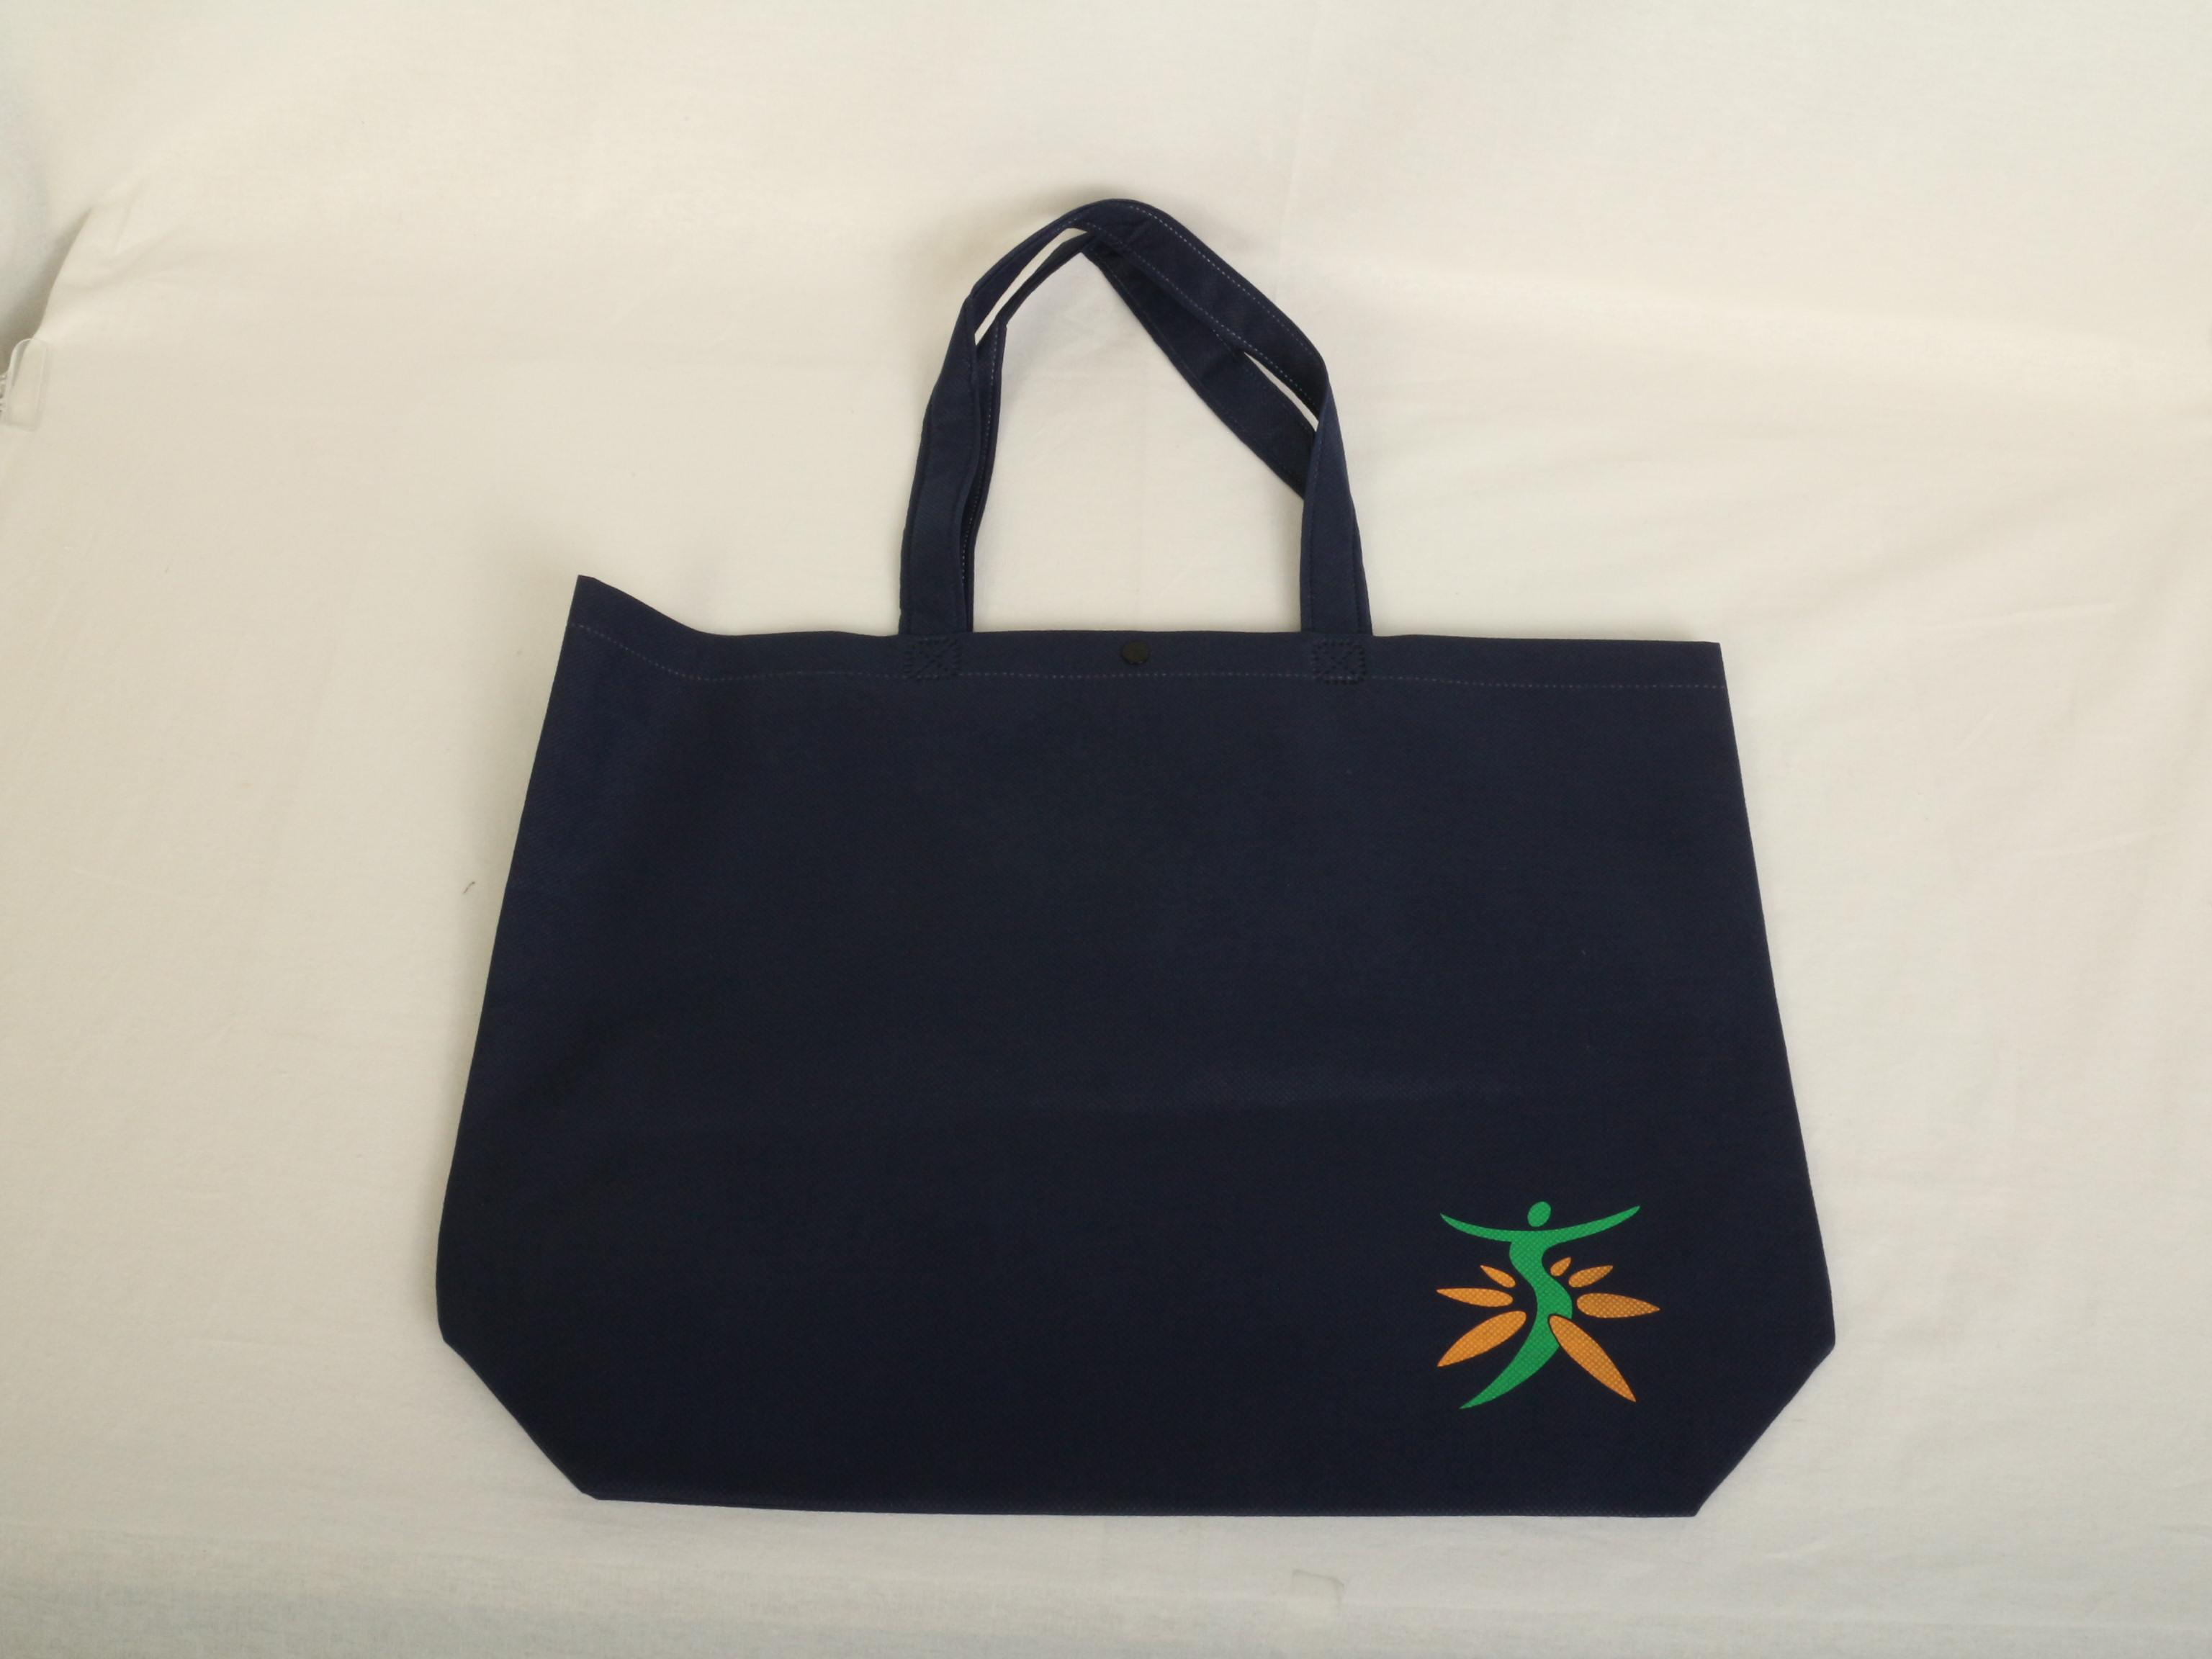 農業関連組合様のイベント用不織布バッグ